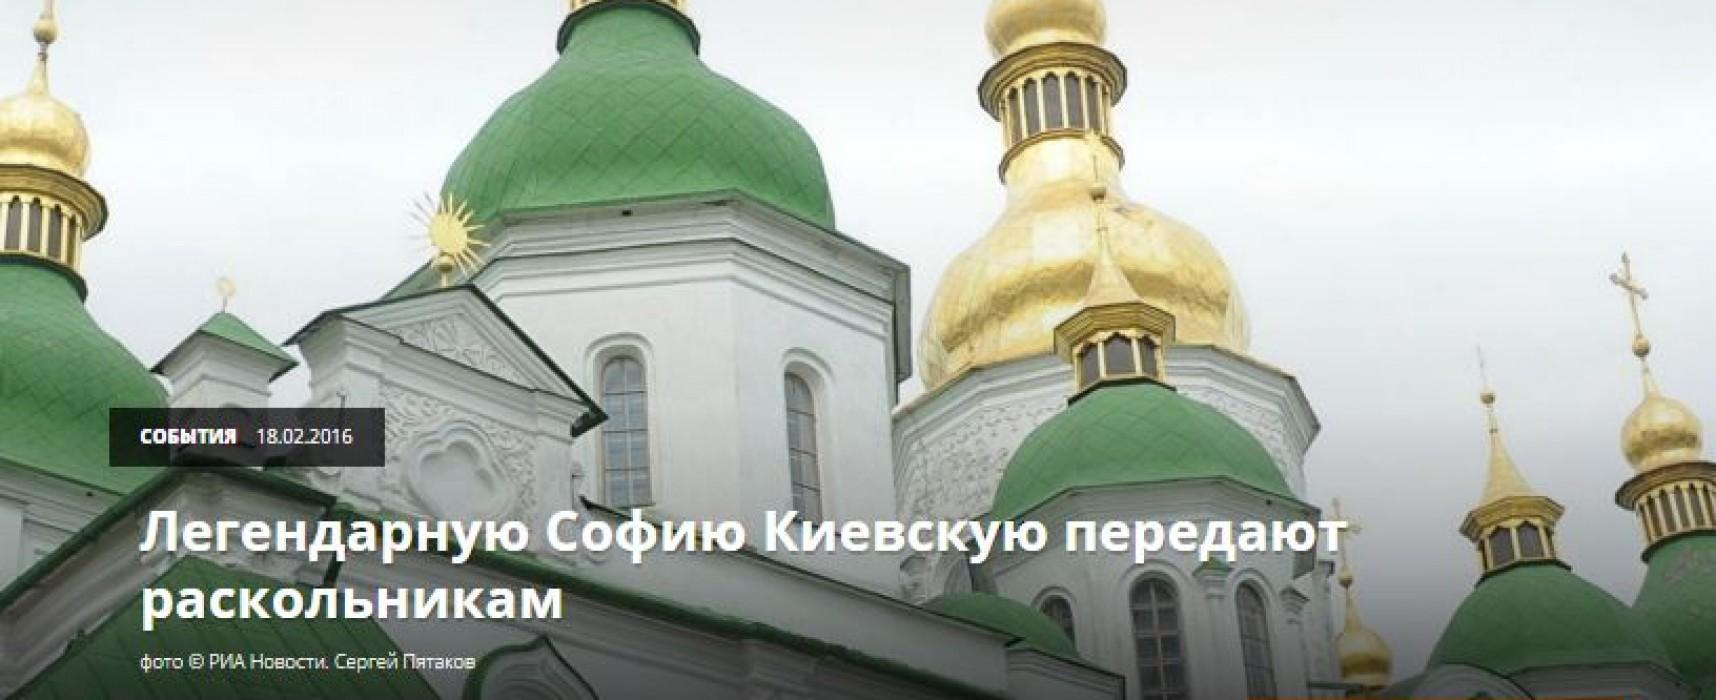 Фейк: Софию Киевскую передают УПЦ КП